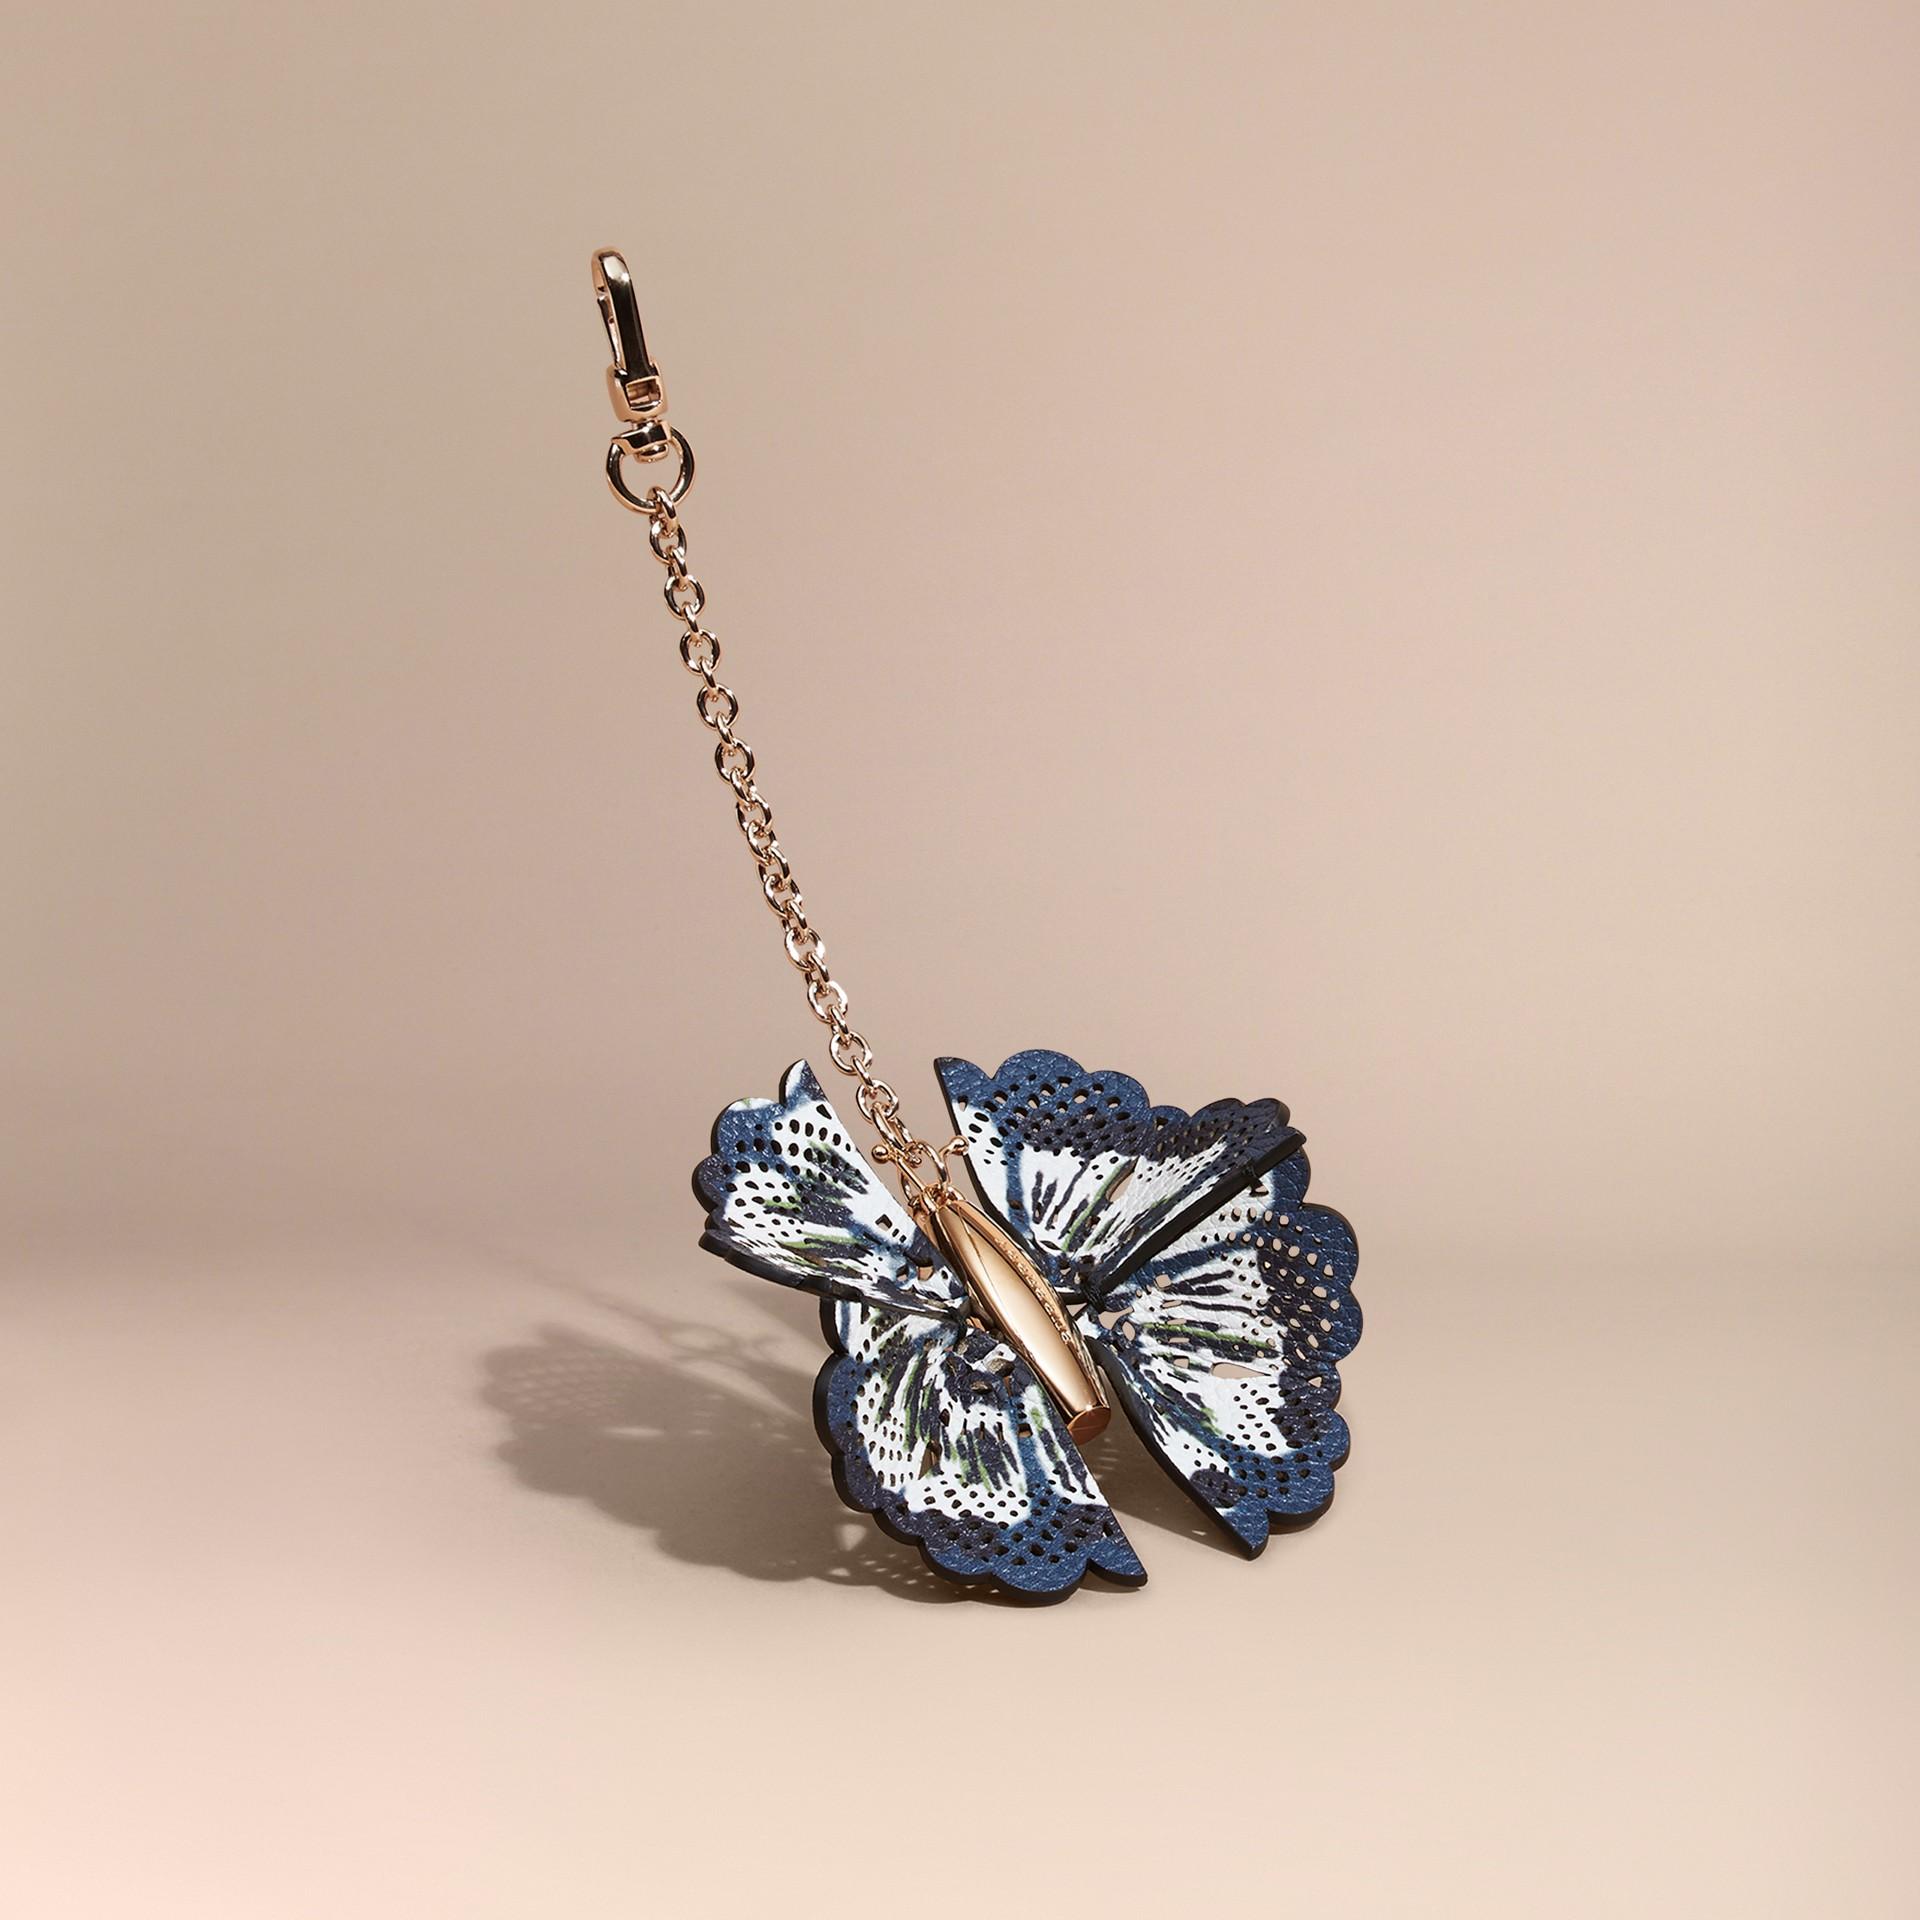 Blu ceruleo intenso/navy brillante Ciondolo a forma di farfalla con pelle stampata tipo tintura a riserva Blu Ceruleo Intenso/navy Brillante - immagine della galleria 1